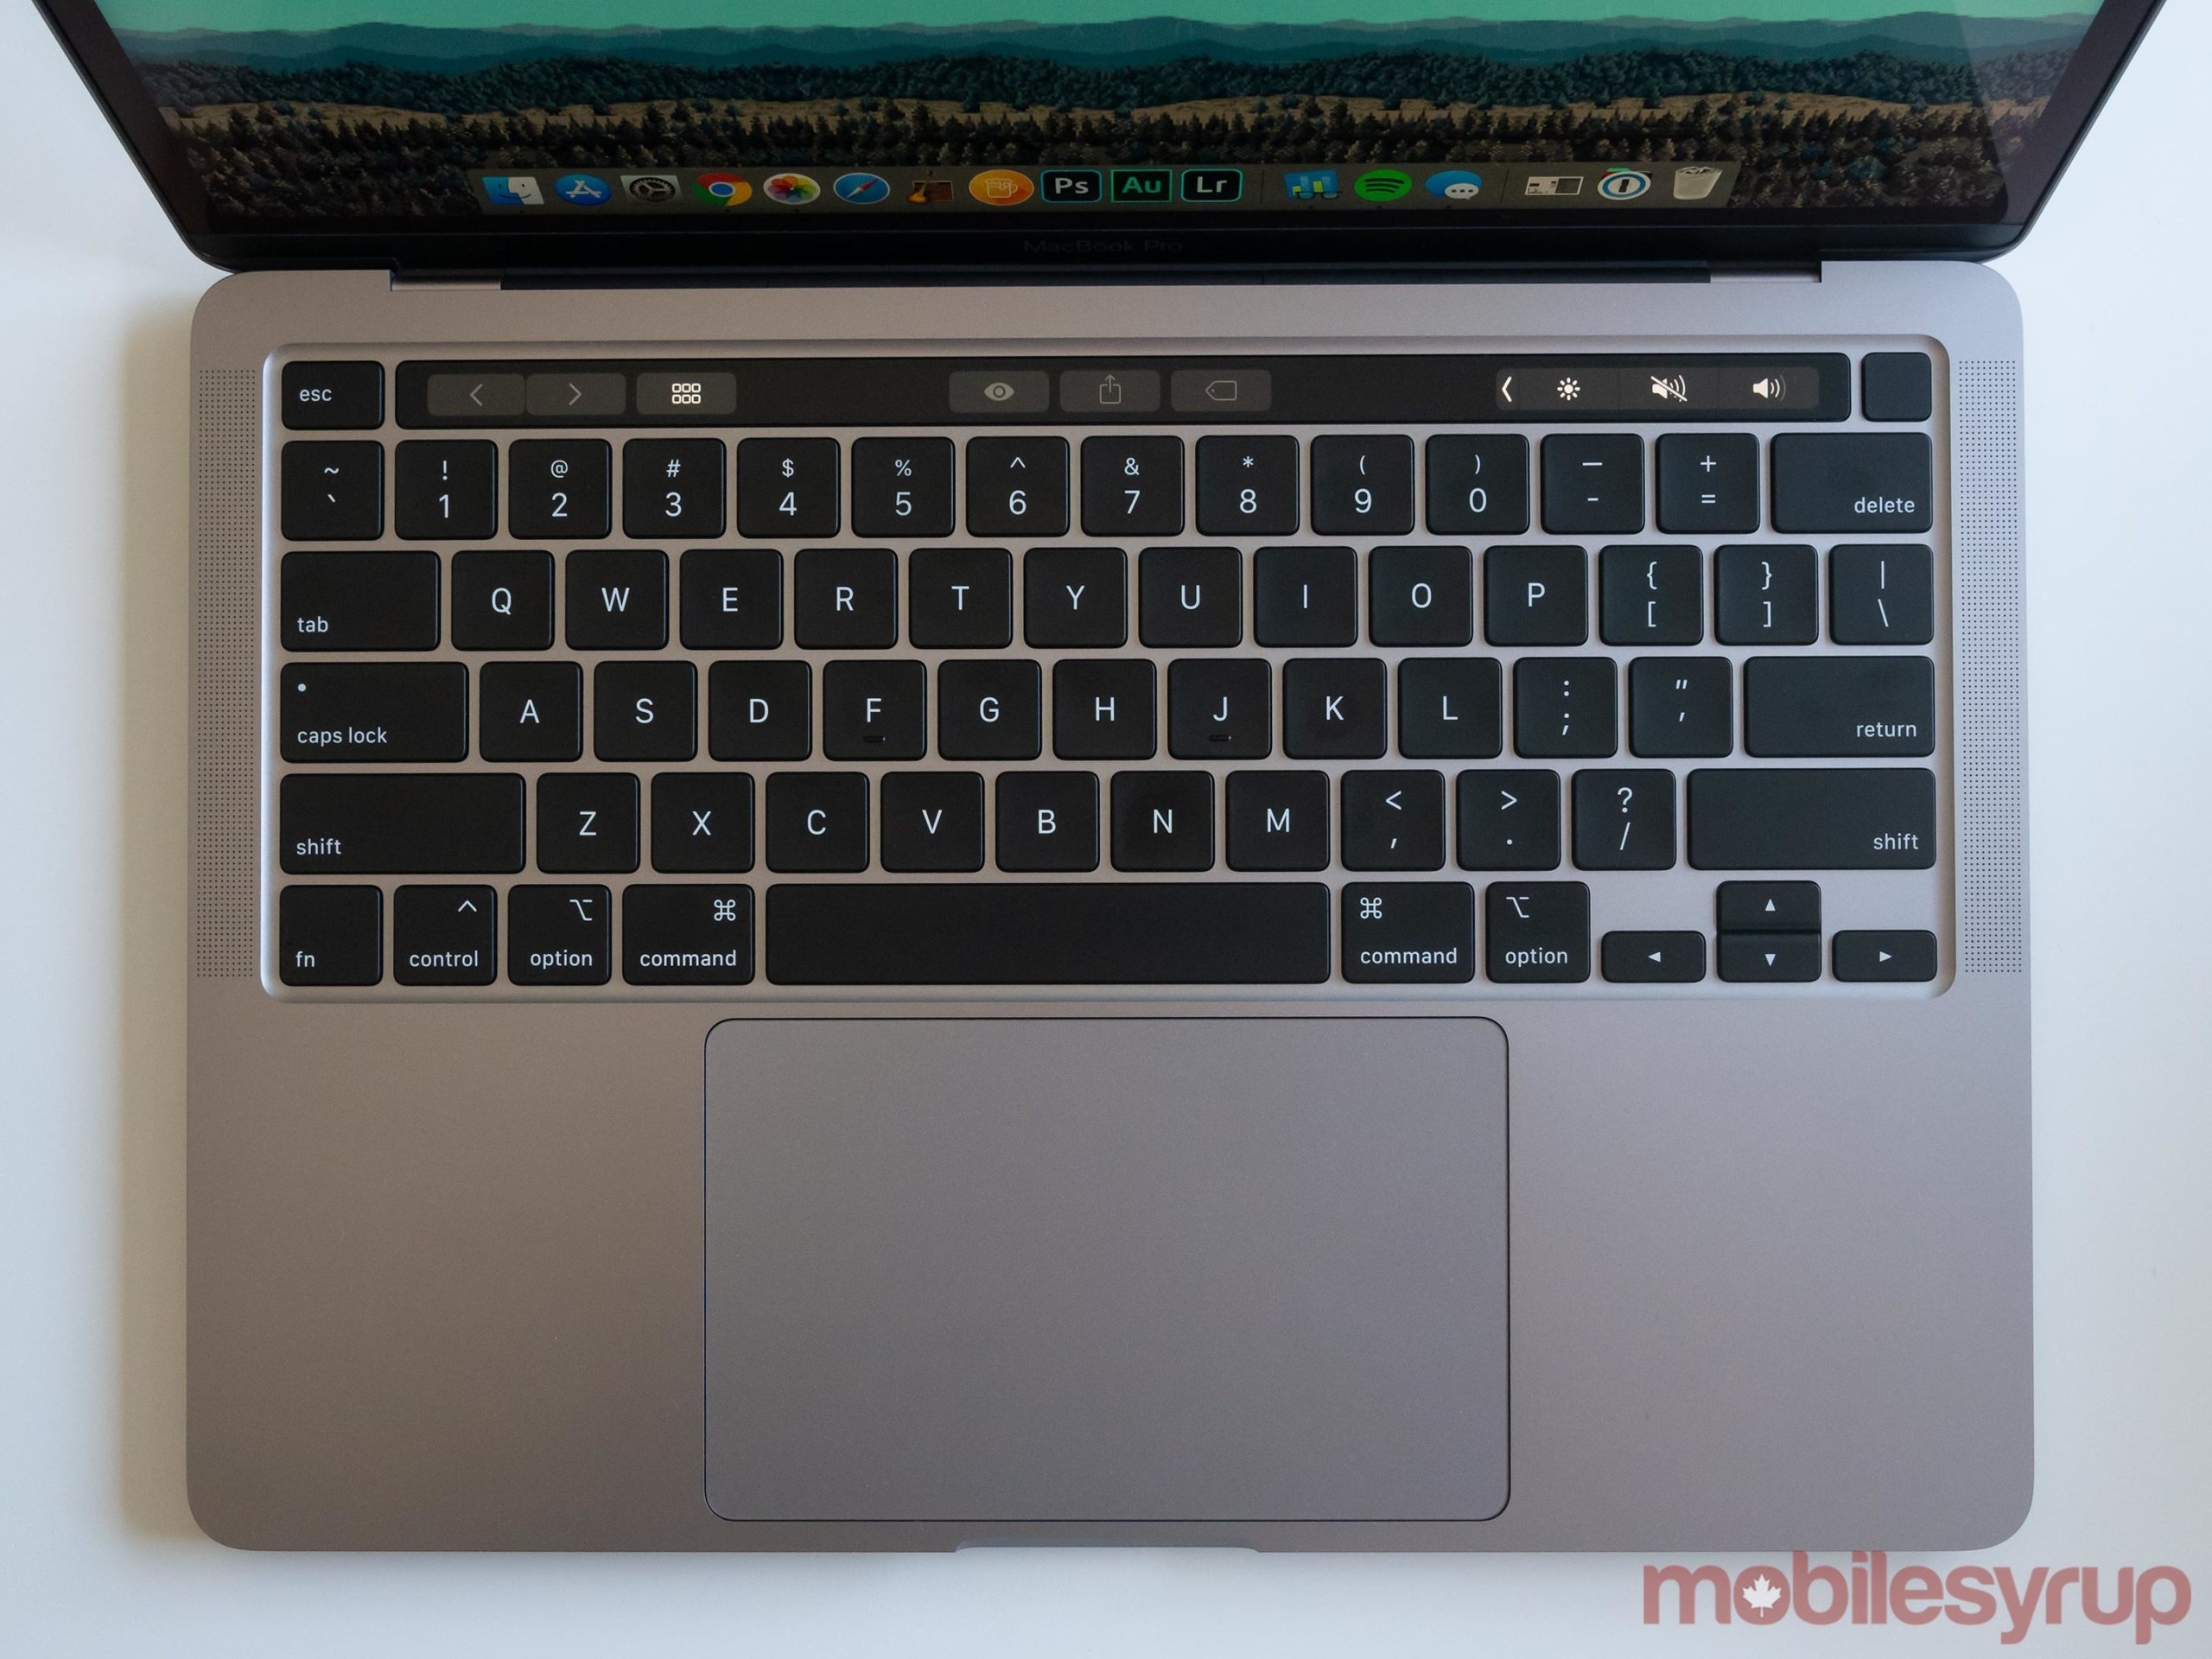 13-inch MacBook Pro (2020) keyboard